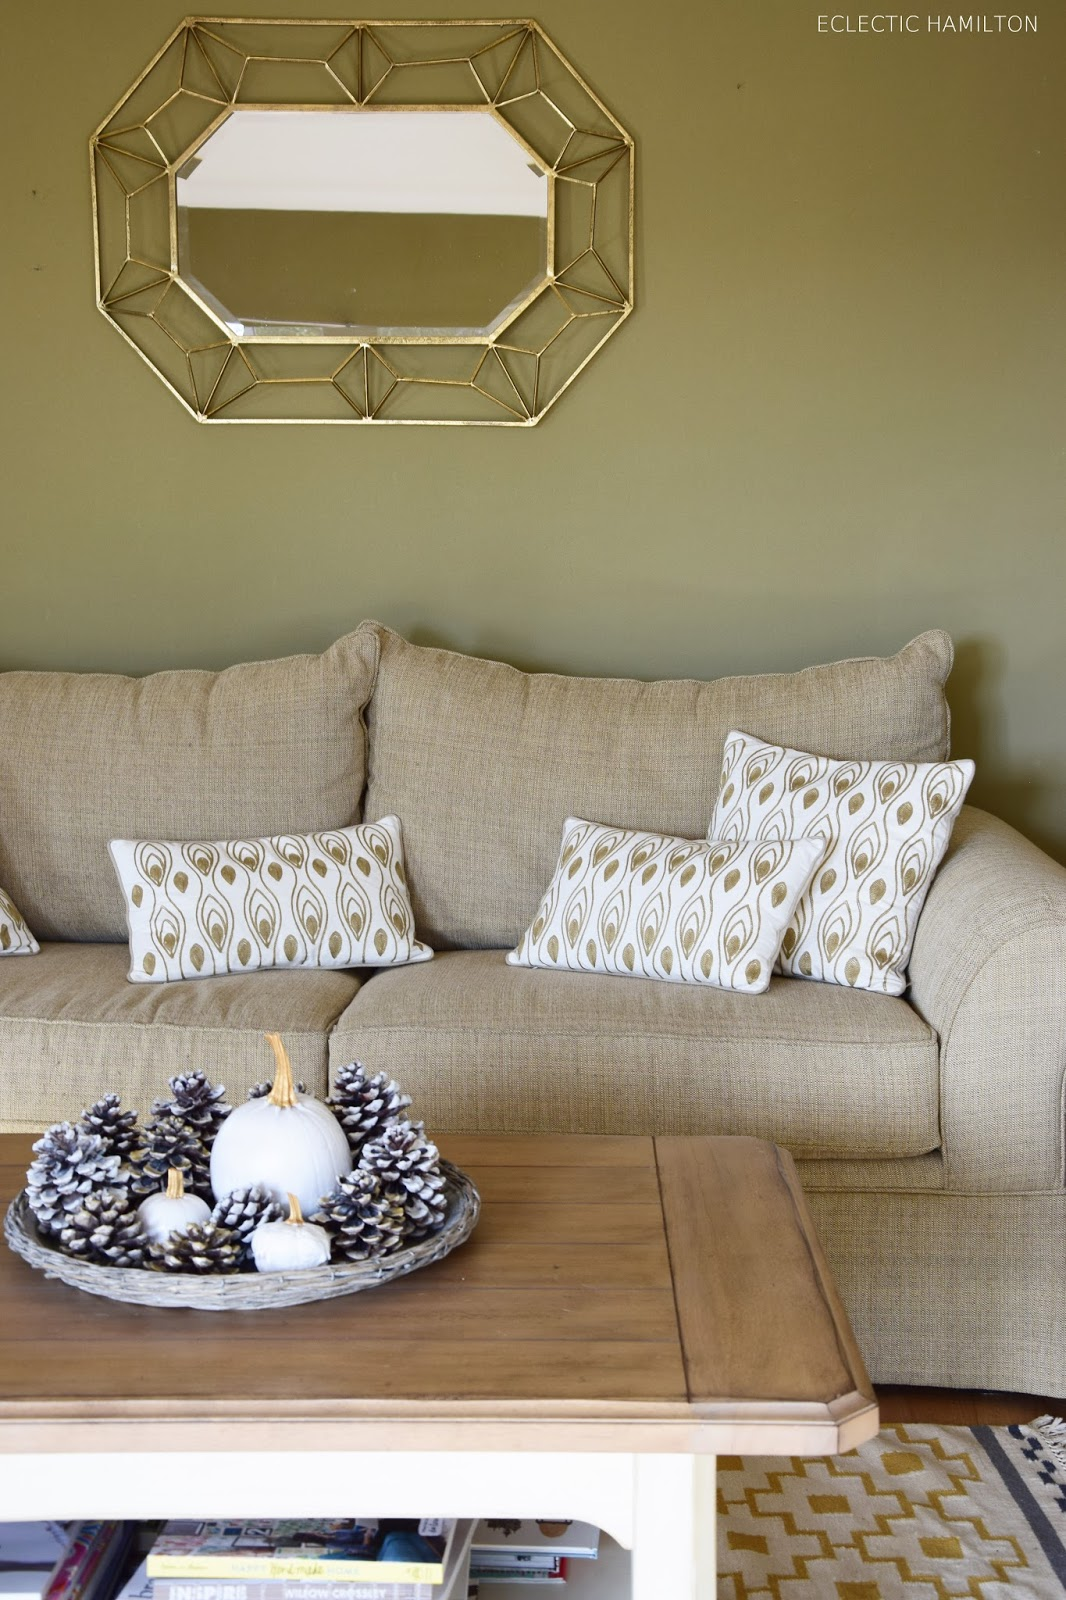 Dekoidee mit Wabenbällen Pompoms: Selbstgemacht und schnell dekoriert im Wohnzimmer. Dekoration